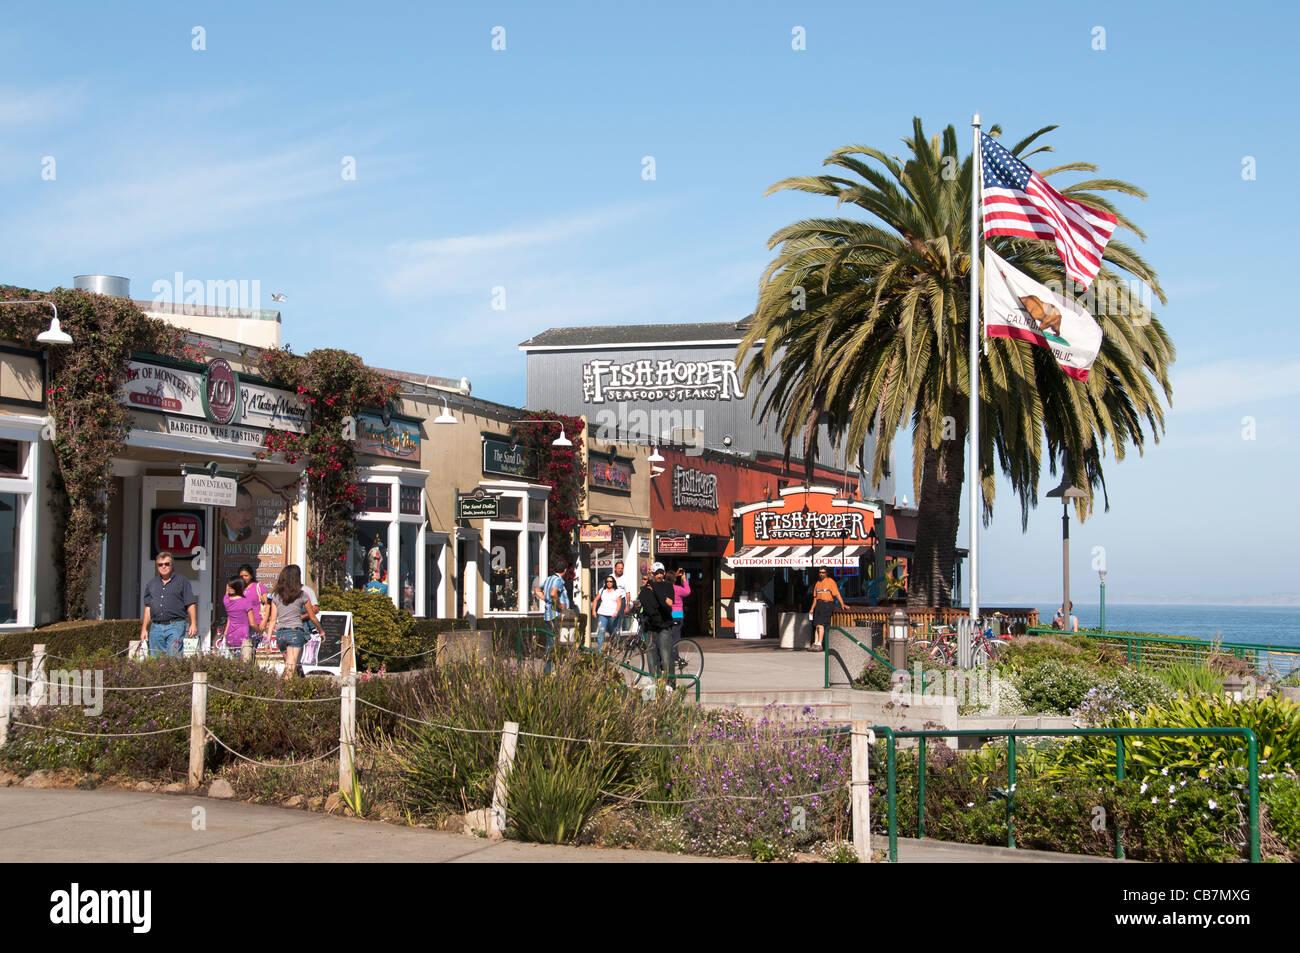 La empresa conservera de Monterey California Estados Unidos Imagen De Stock